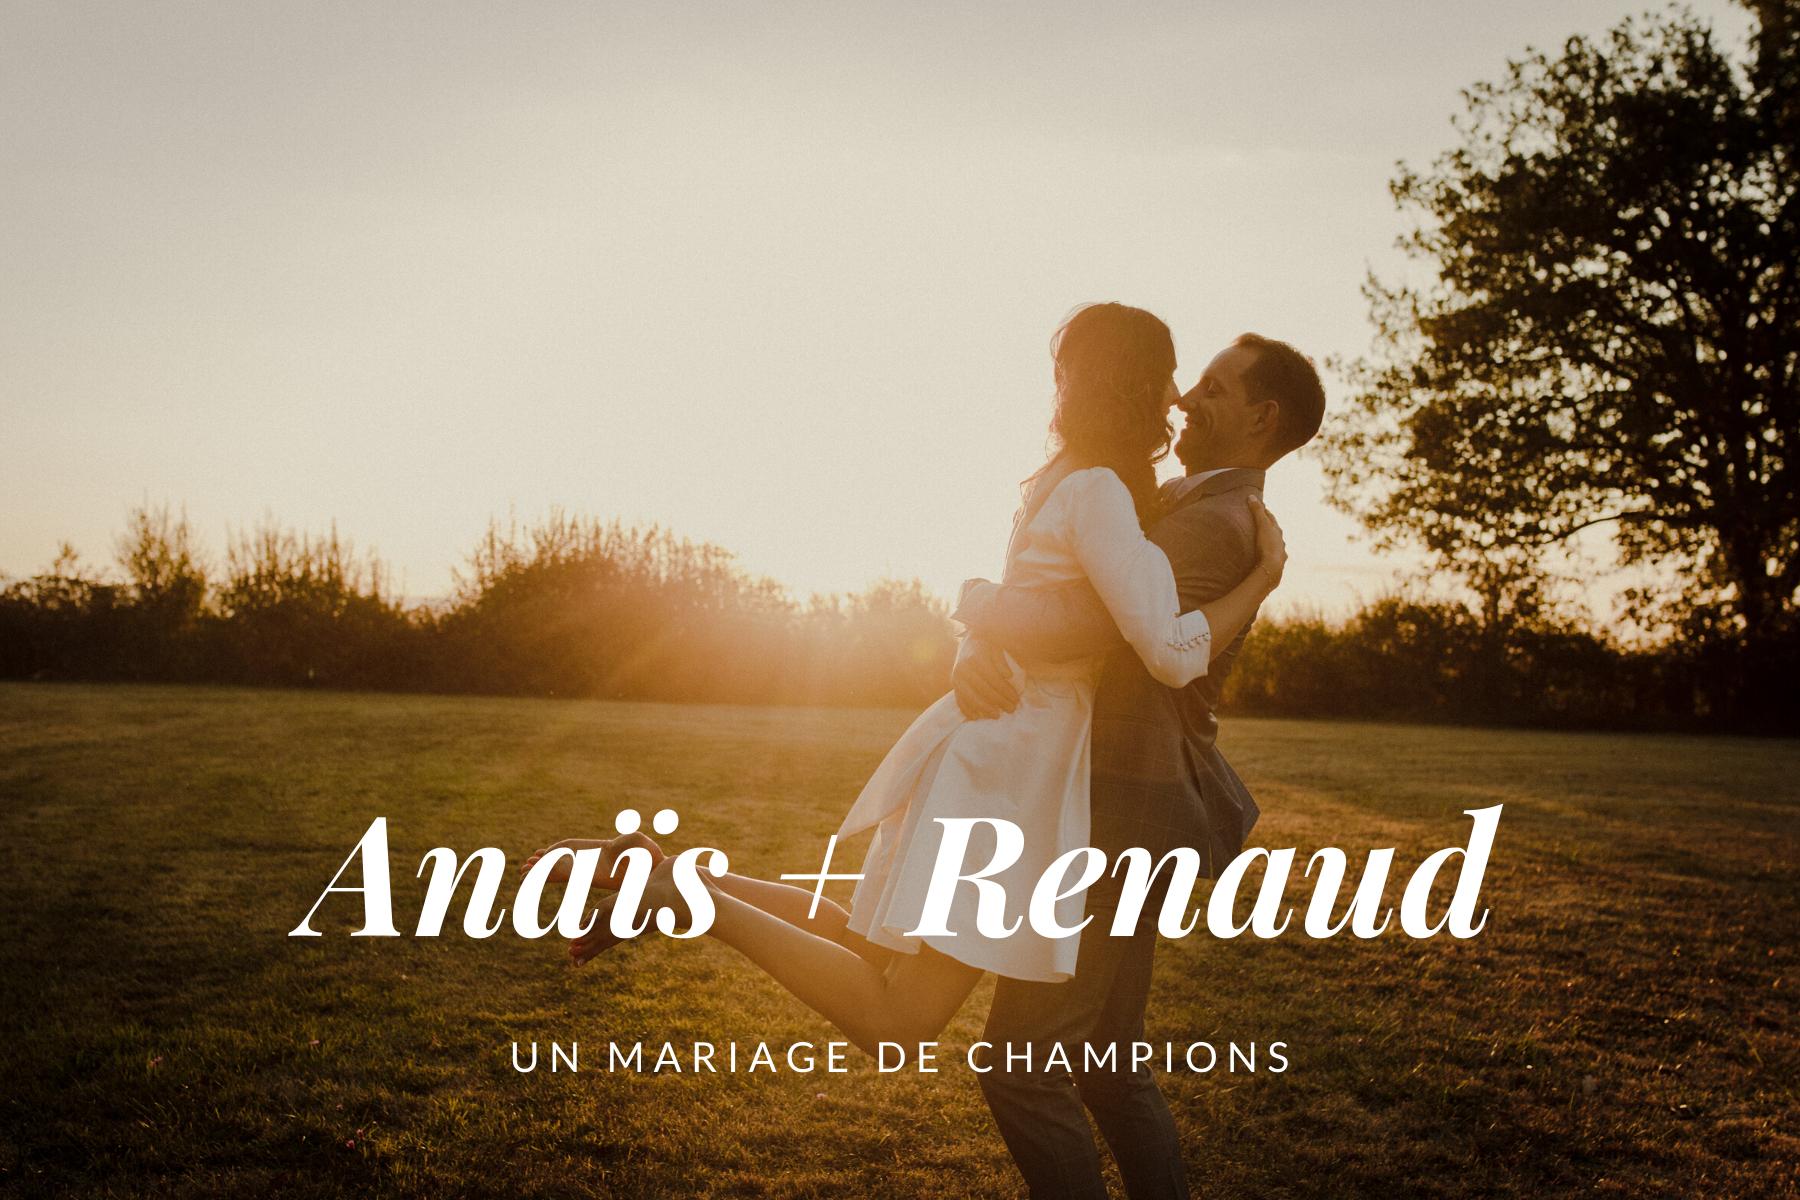 Organisation du mariage de Renaud Lavillenie - Champion Olympique saut à la perche - Hera Mariage Wedding Planner - Auvergne - Puy de Dôme - Clermont-Ferrand - Allier - Haute-Loire - Cantal